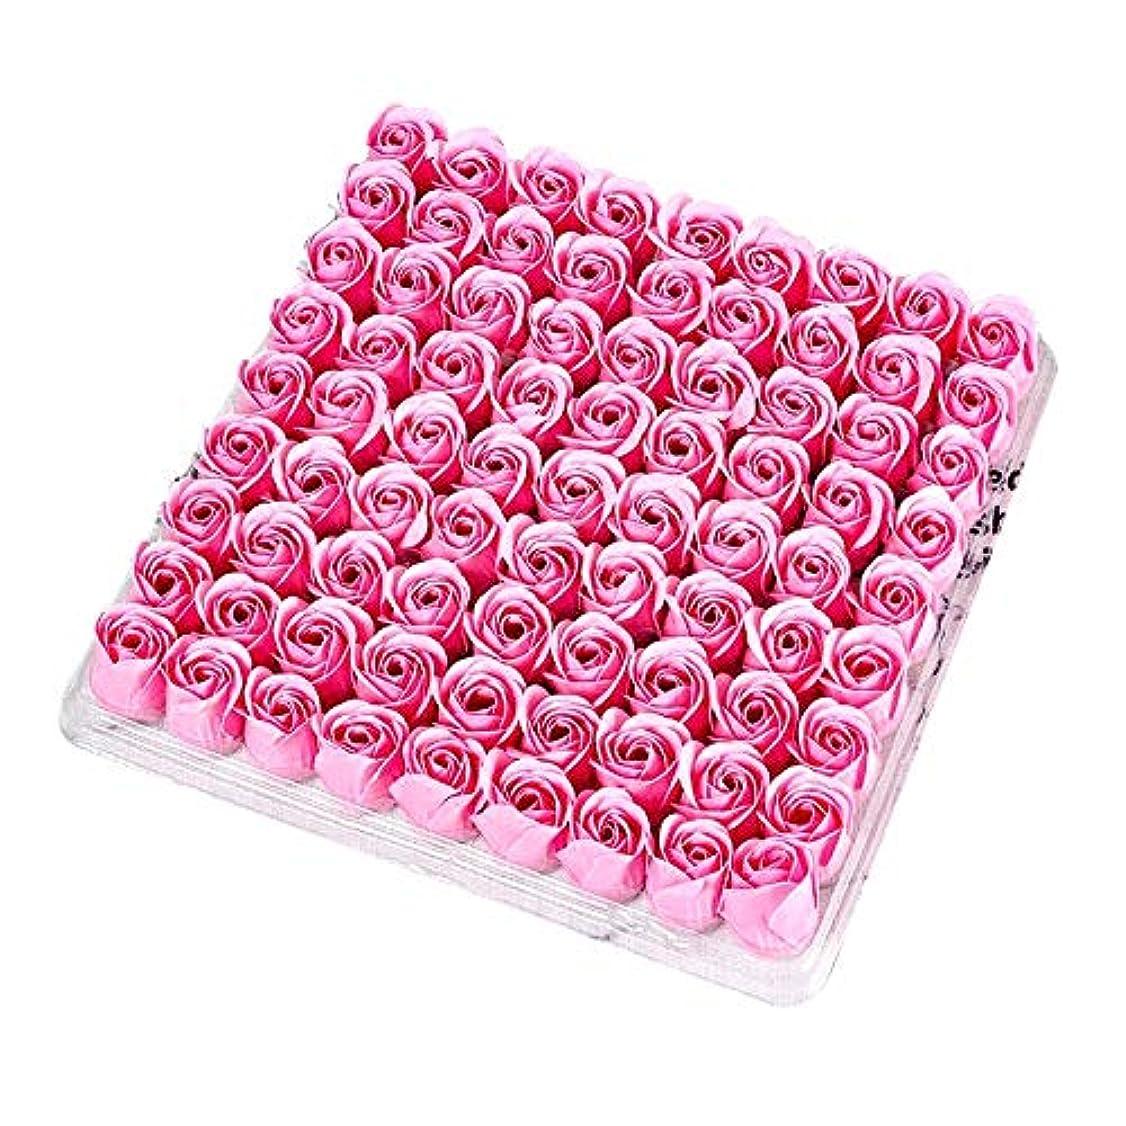 落ち込んでいるダンス宿泊RETYLY 81個の薔薇、バス ボディ フラワー?フローラルの石けん 香りのよいローズフラワー エッセンシャルオイル フローラルのお客様への石鹸 ウェディング、パーティー、バレンタインデーの贈り物、ピンク